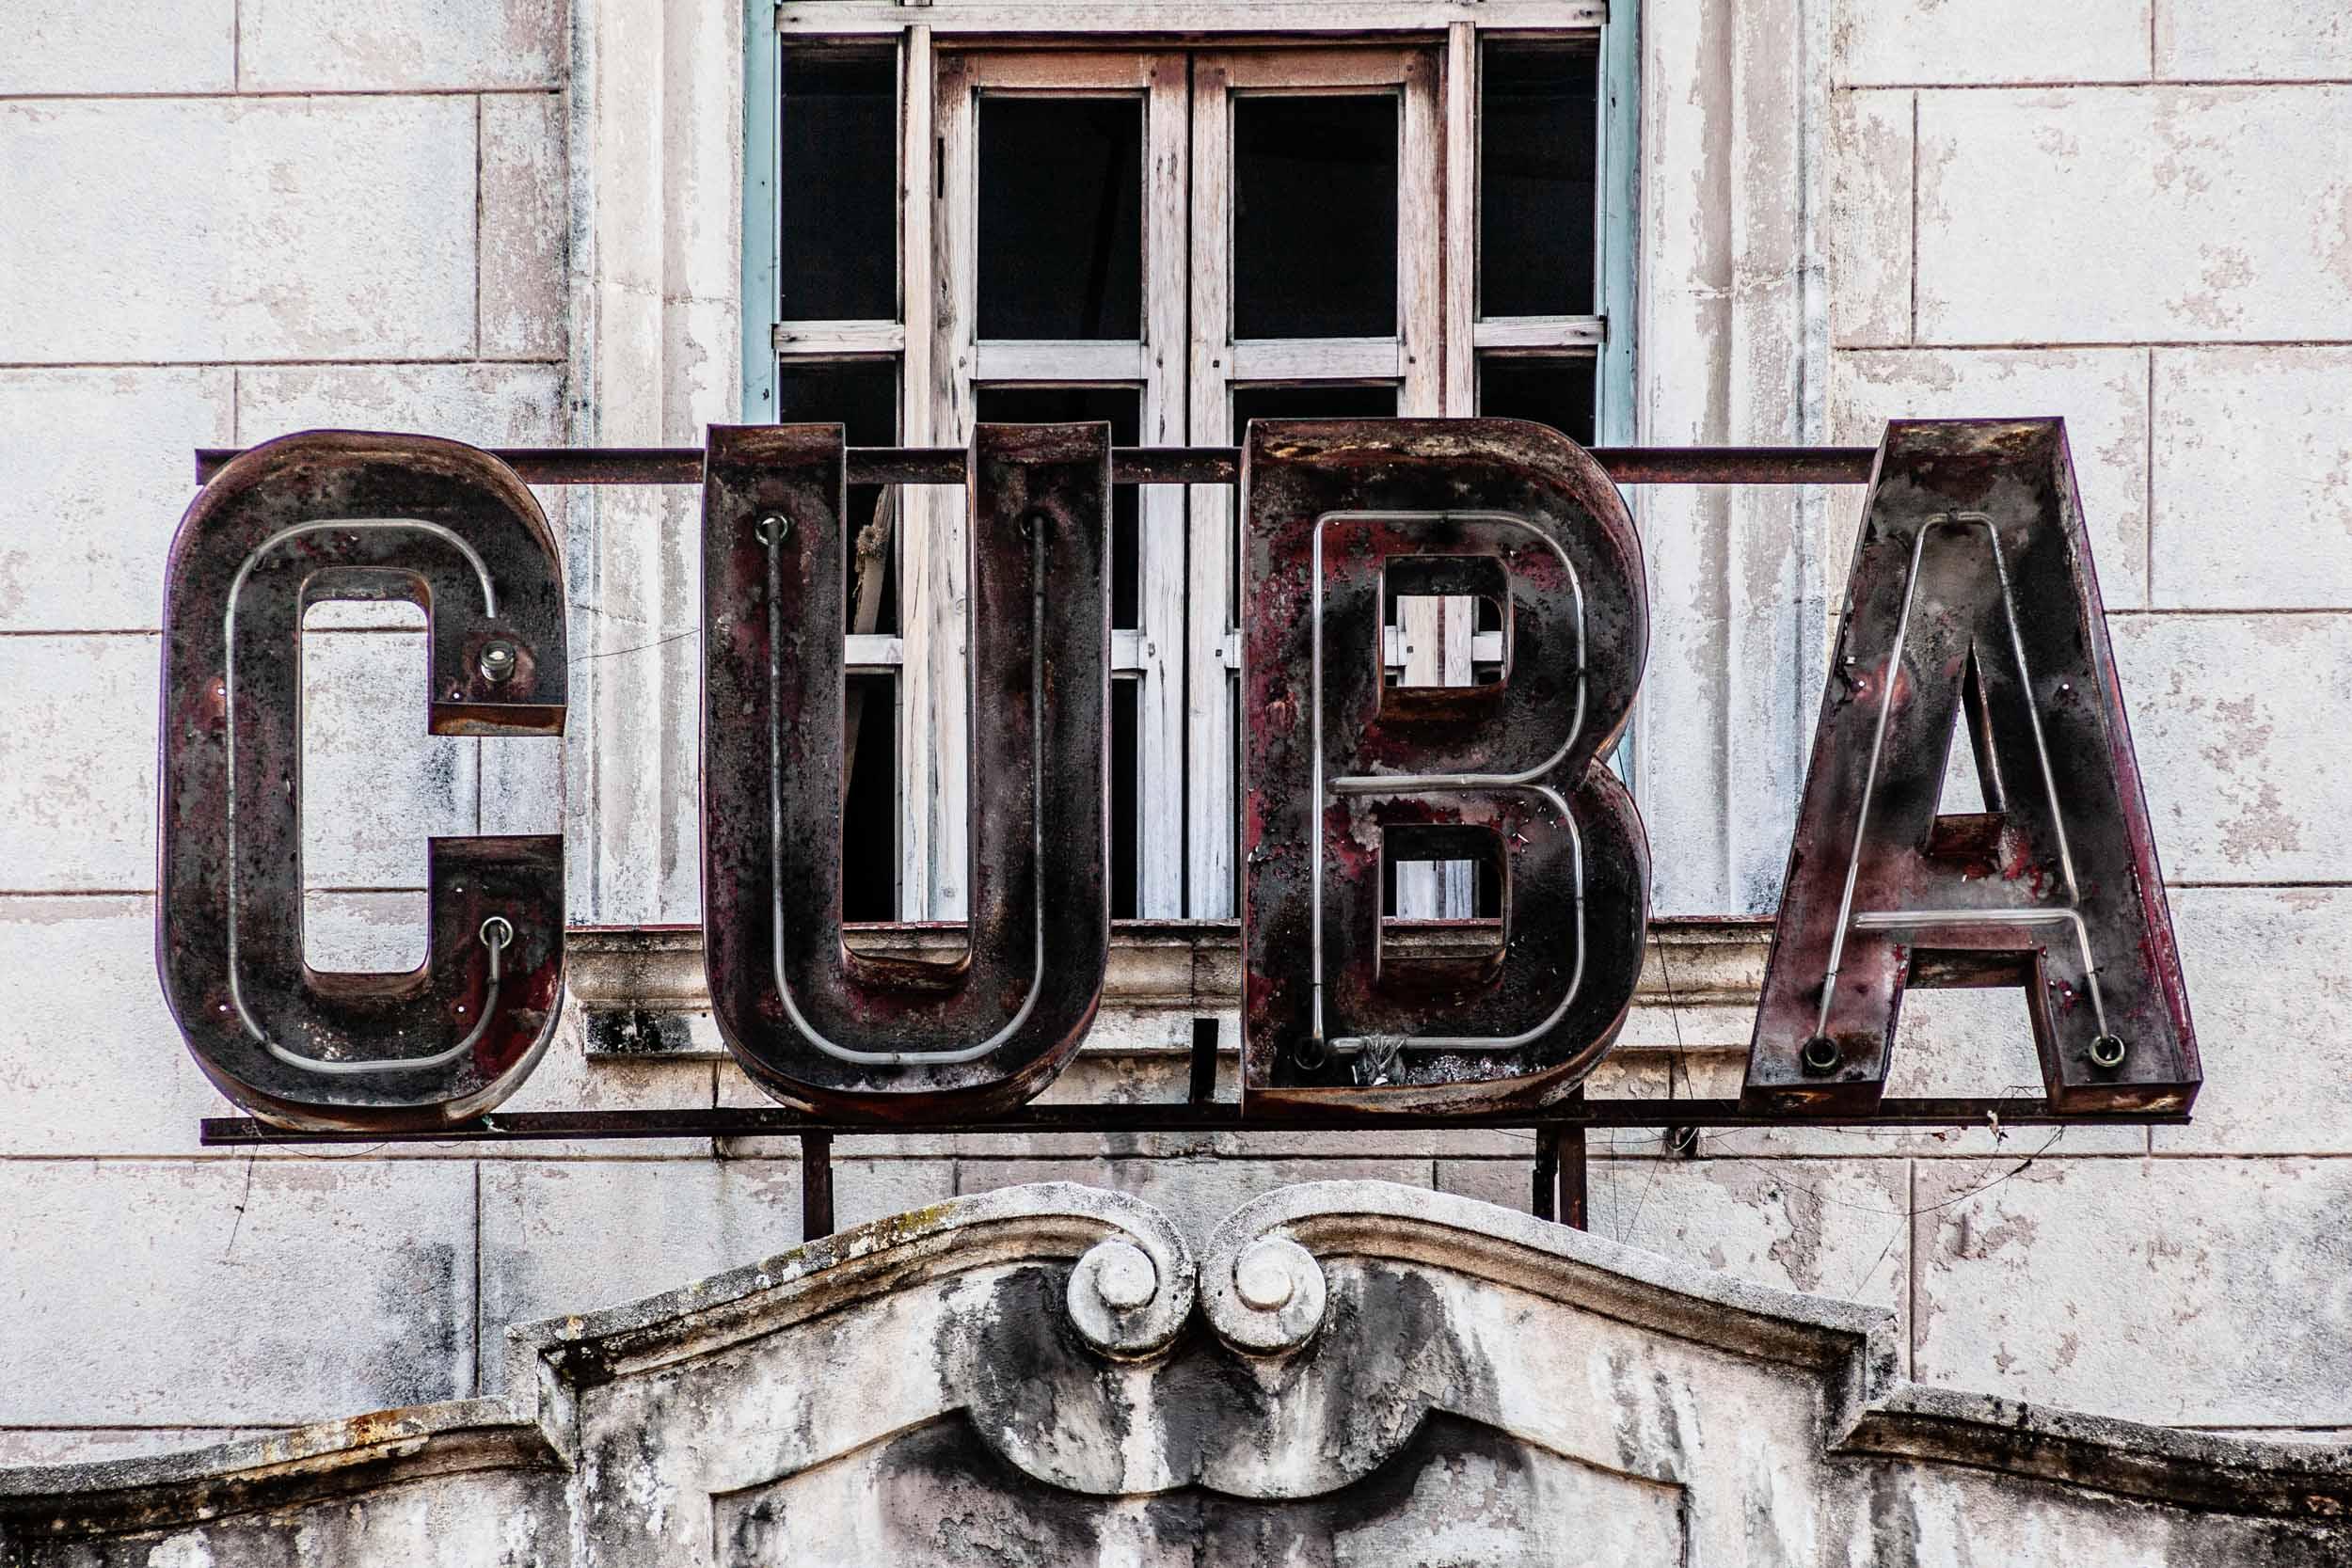 Cuba-2014-18.jpg